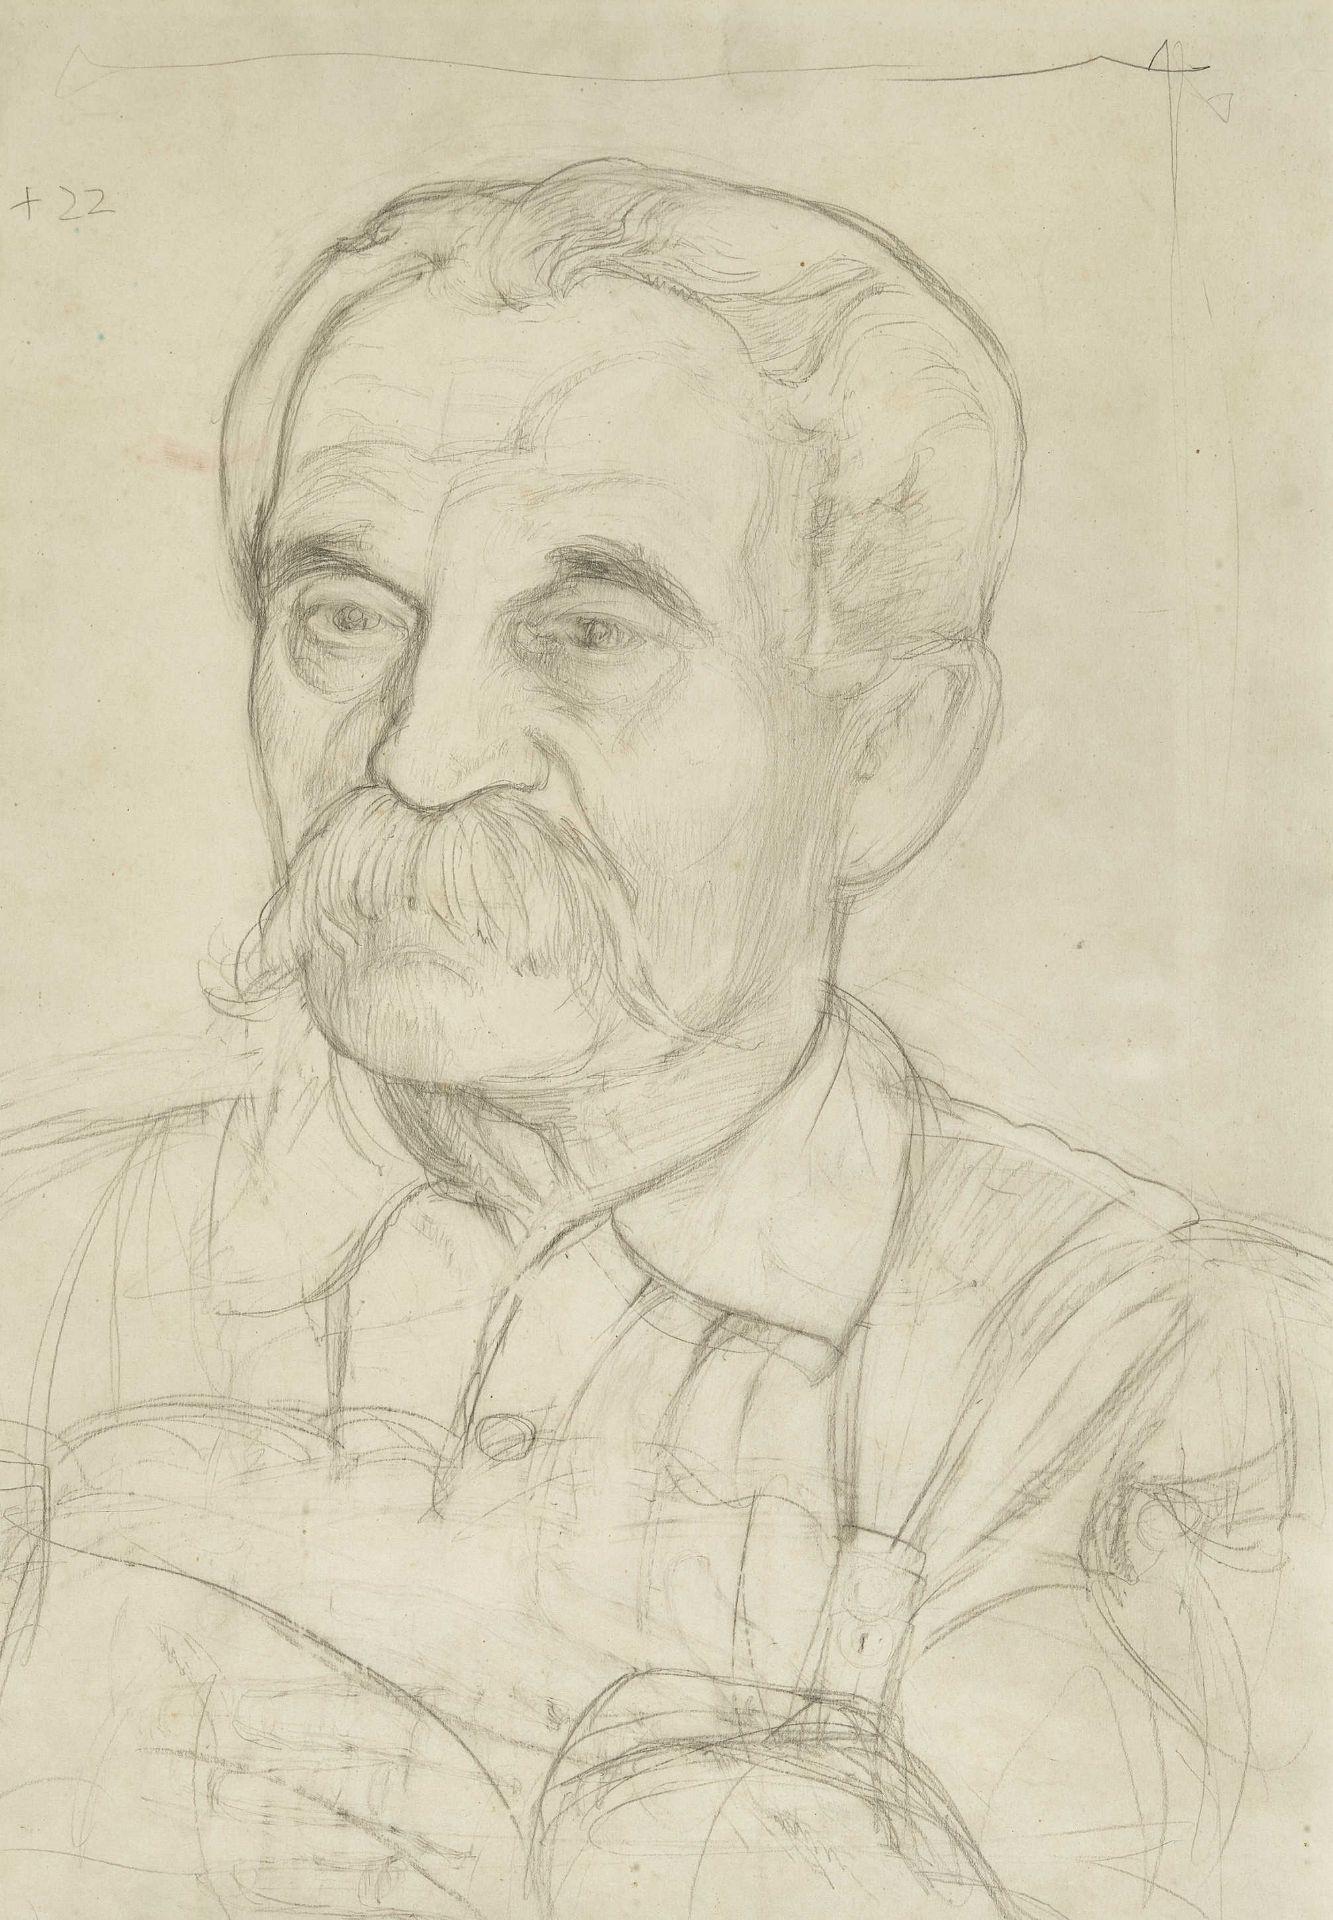 BIÉLER, ERNEST: Porträt des Chirurgen César Roux (1857-1934).